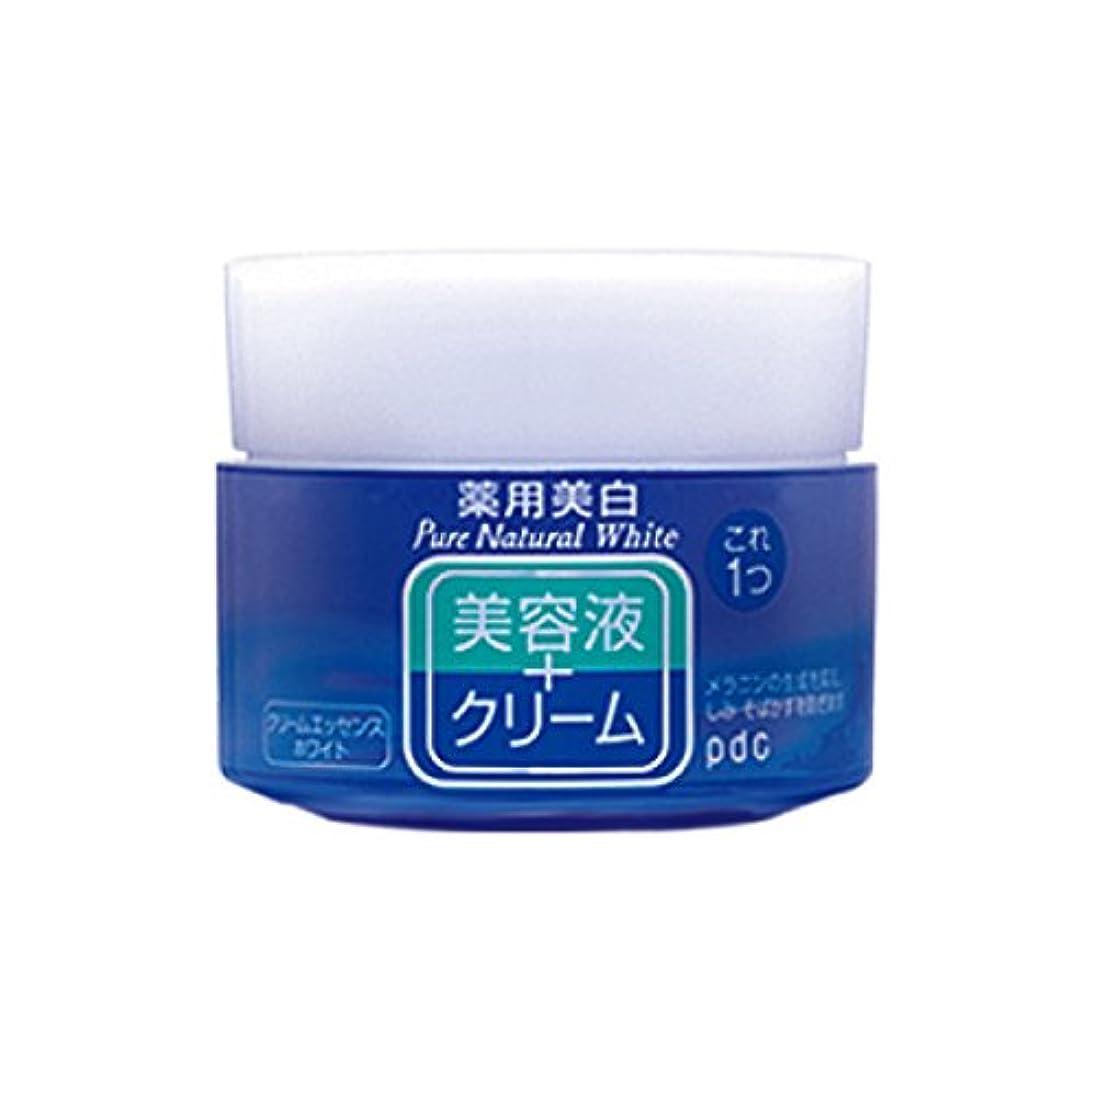 水平振り返るアスレチックPure NATURAL(ピュアナチュラル) クリームエッセンス ホワイト 100g (医薬部外品)